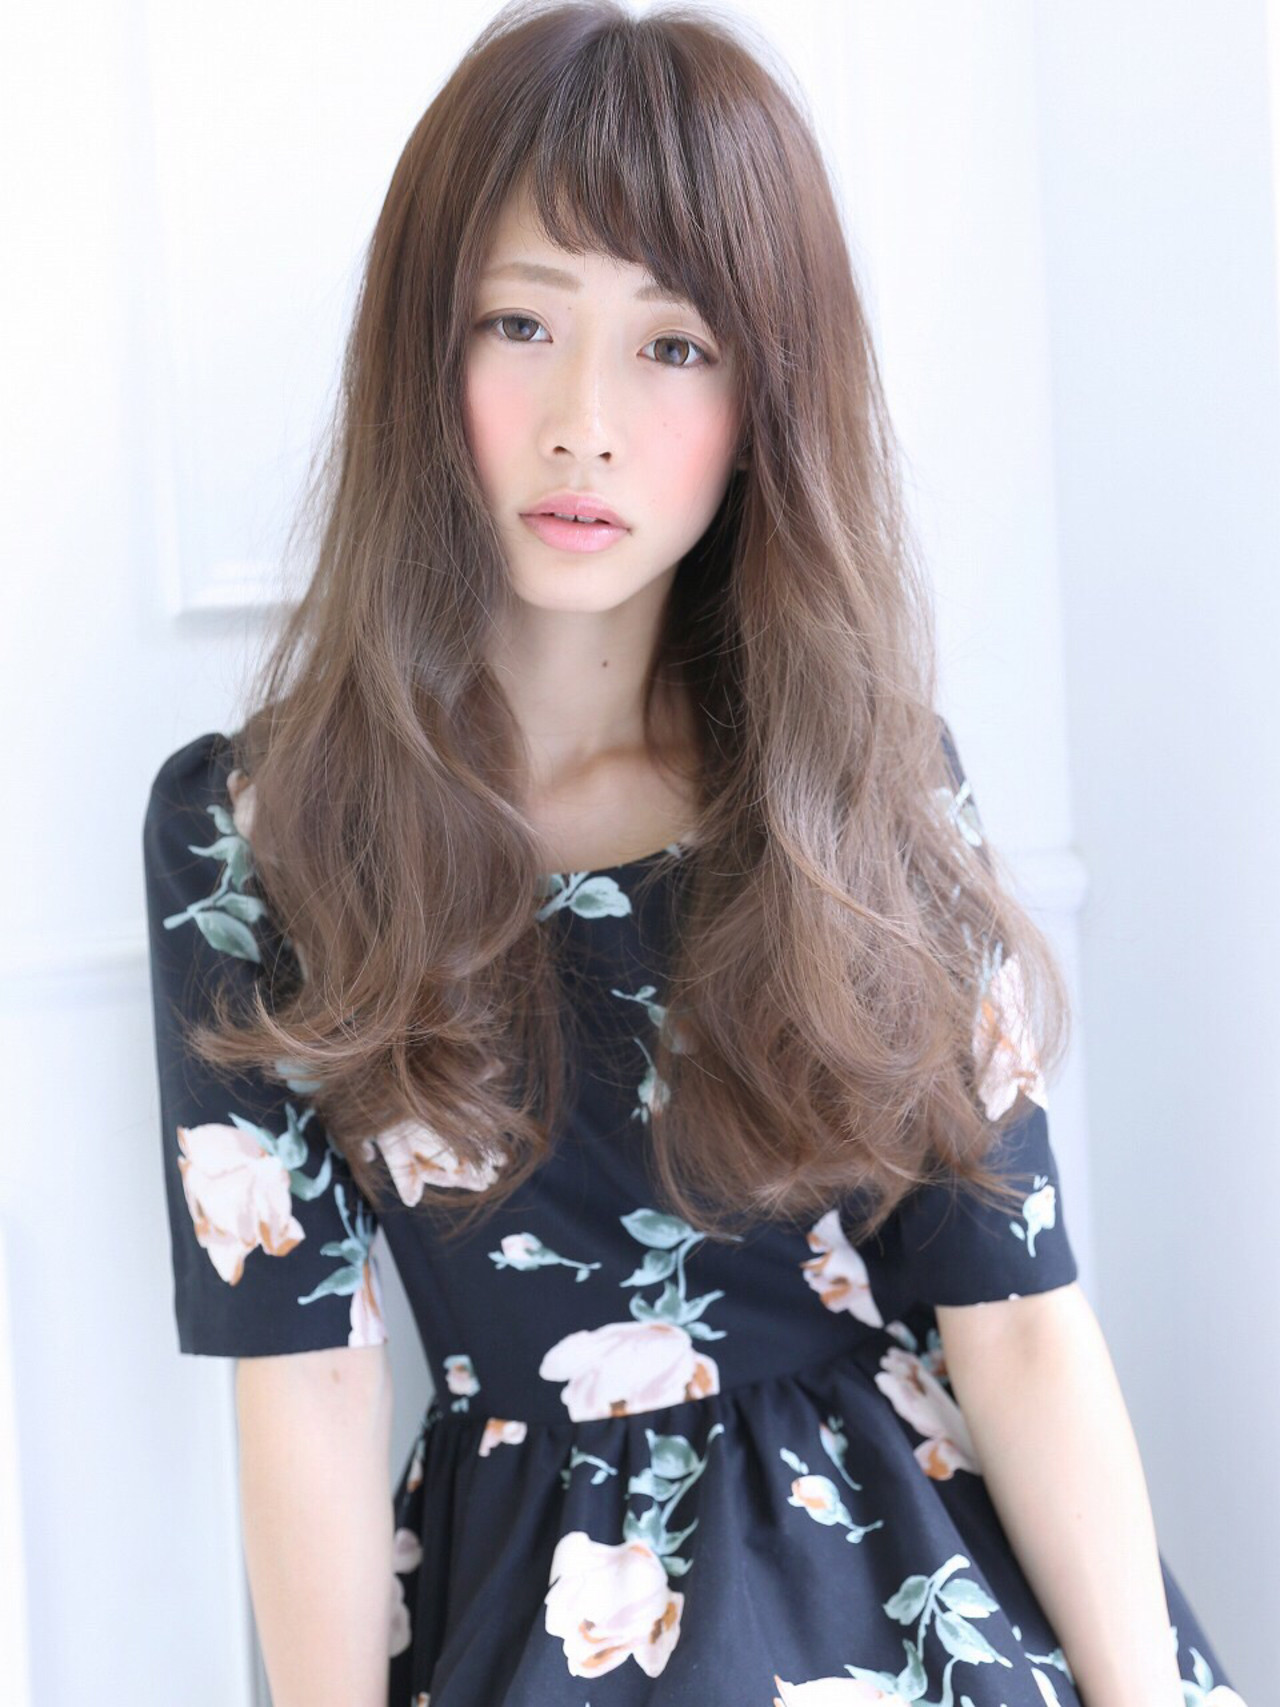 アシメ前髪で髪型チェンジ!周囲と差がつくおしゃれスタイル♡ 藤原 純